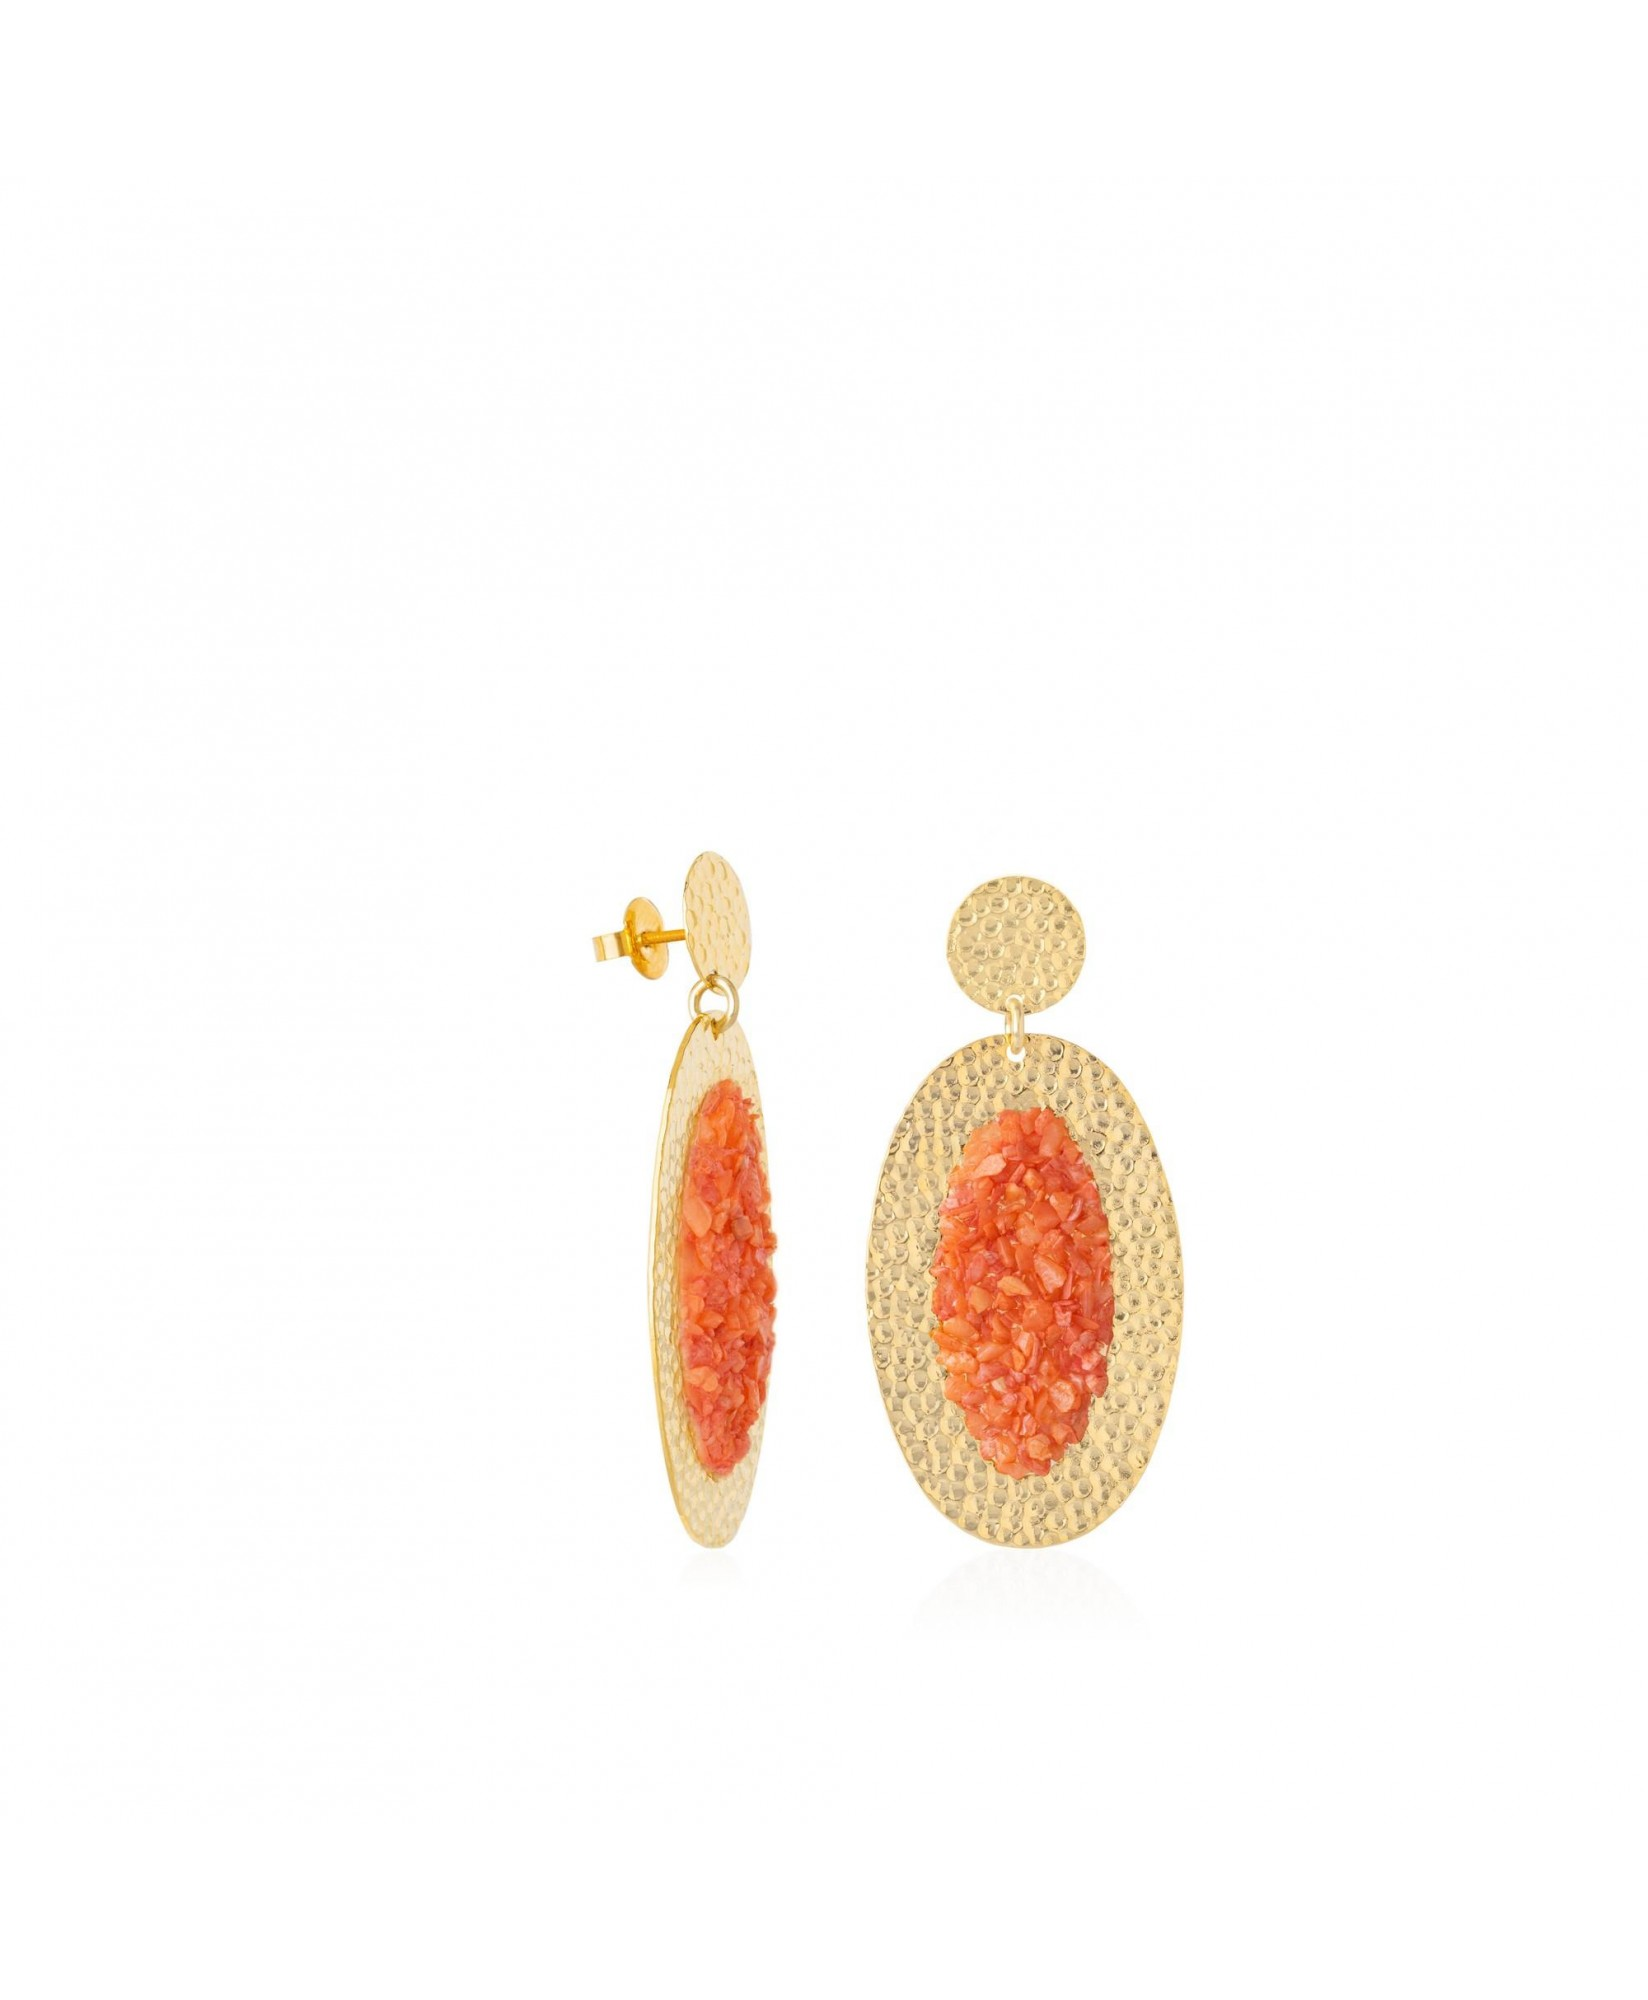 Pendientes oro ovalados Isis con nácar color coral Pendientes oro ovalados Isis con nácar color coral